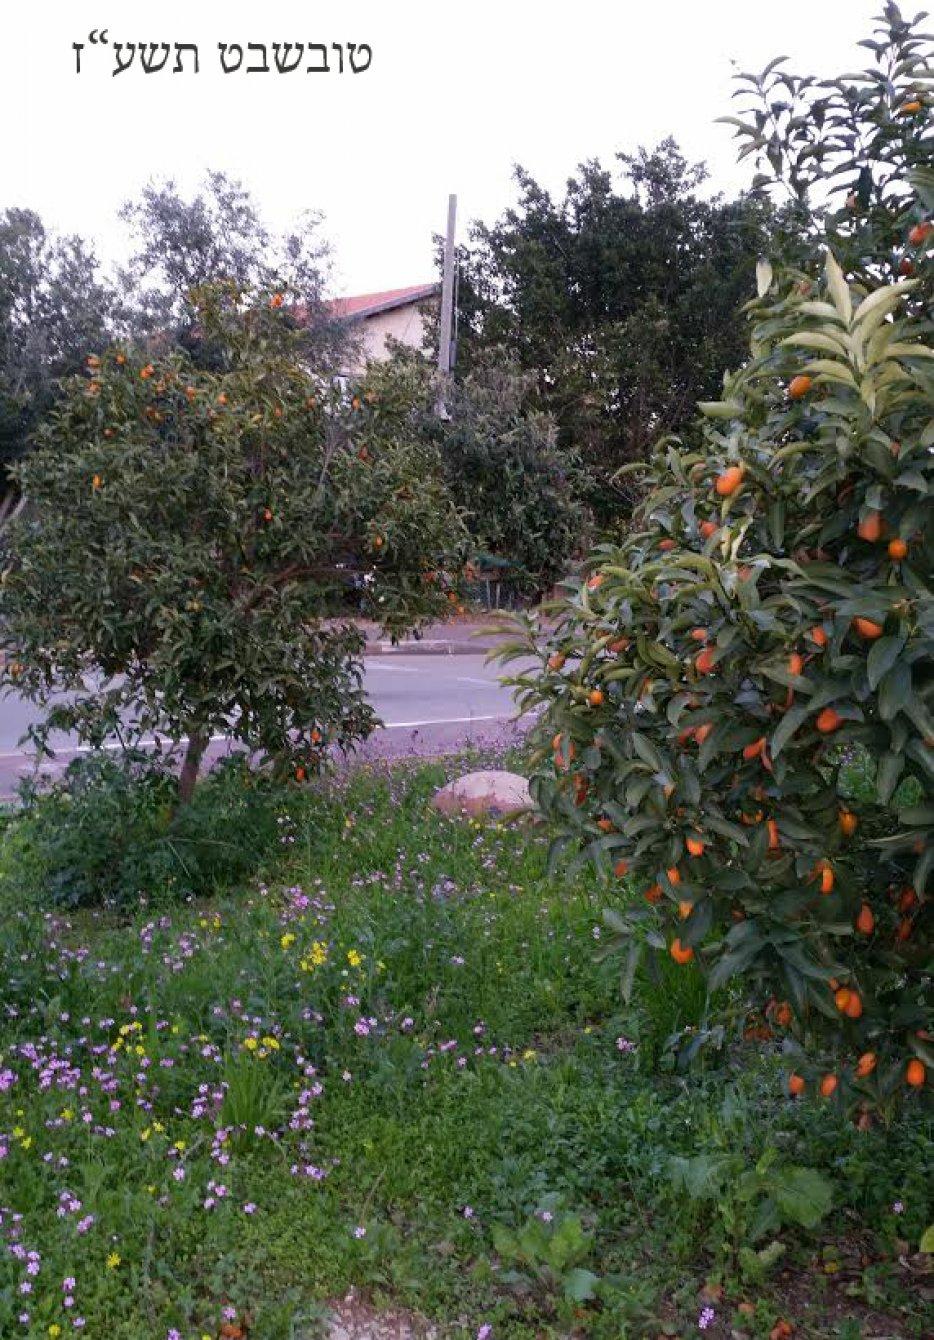 תחילת פריחת החורף ופרי הקונקוט - התפוזונים. צילום: ליליק